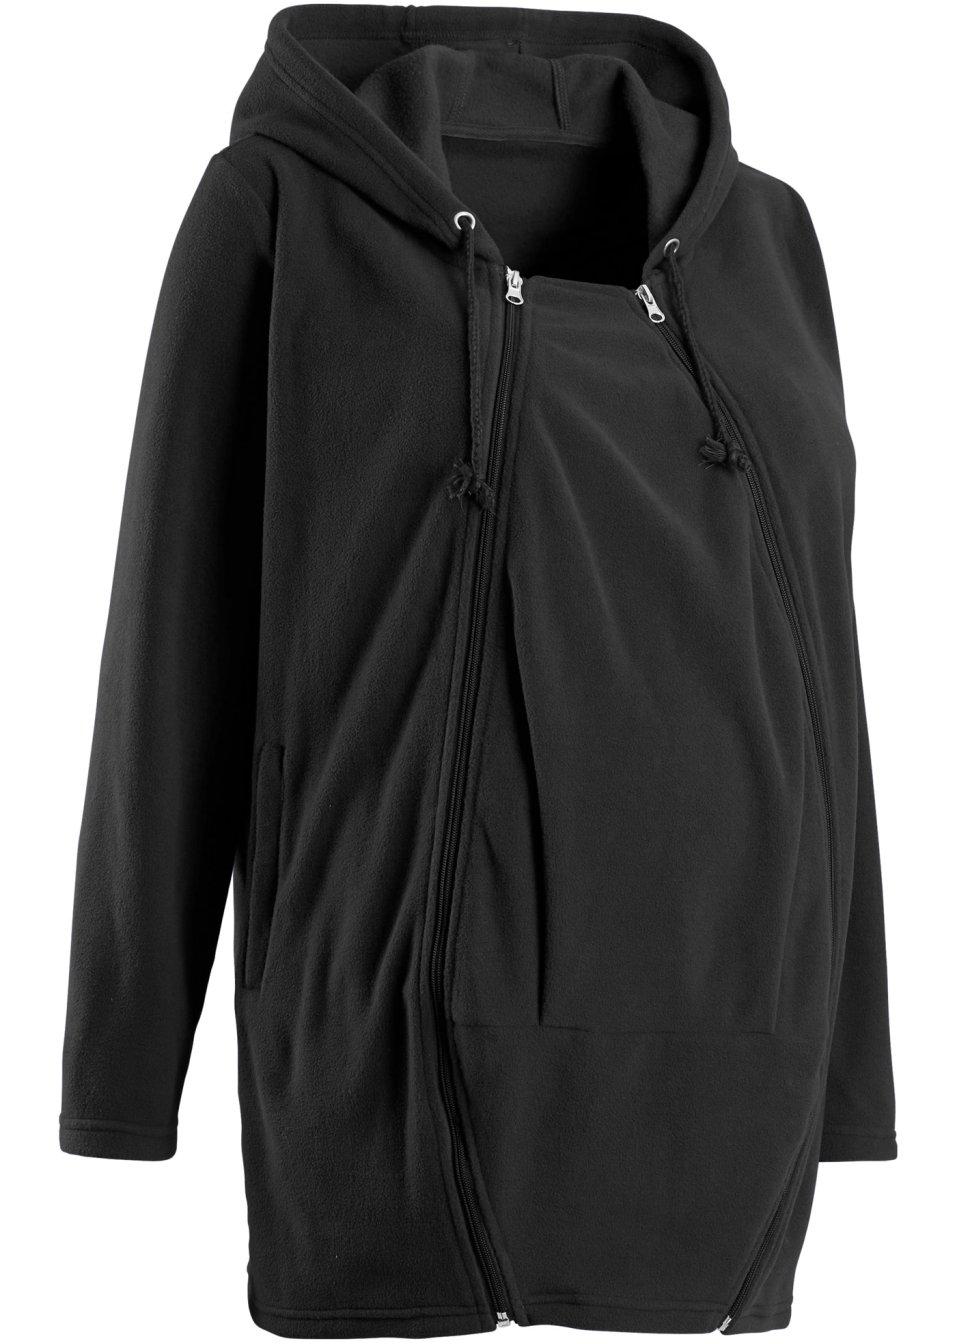 veste polaire de grossesse avec empi cement pour b b noir bpc bonprix collection acheter. Black Bedroom Furniture Sets. Home Design Ideas